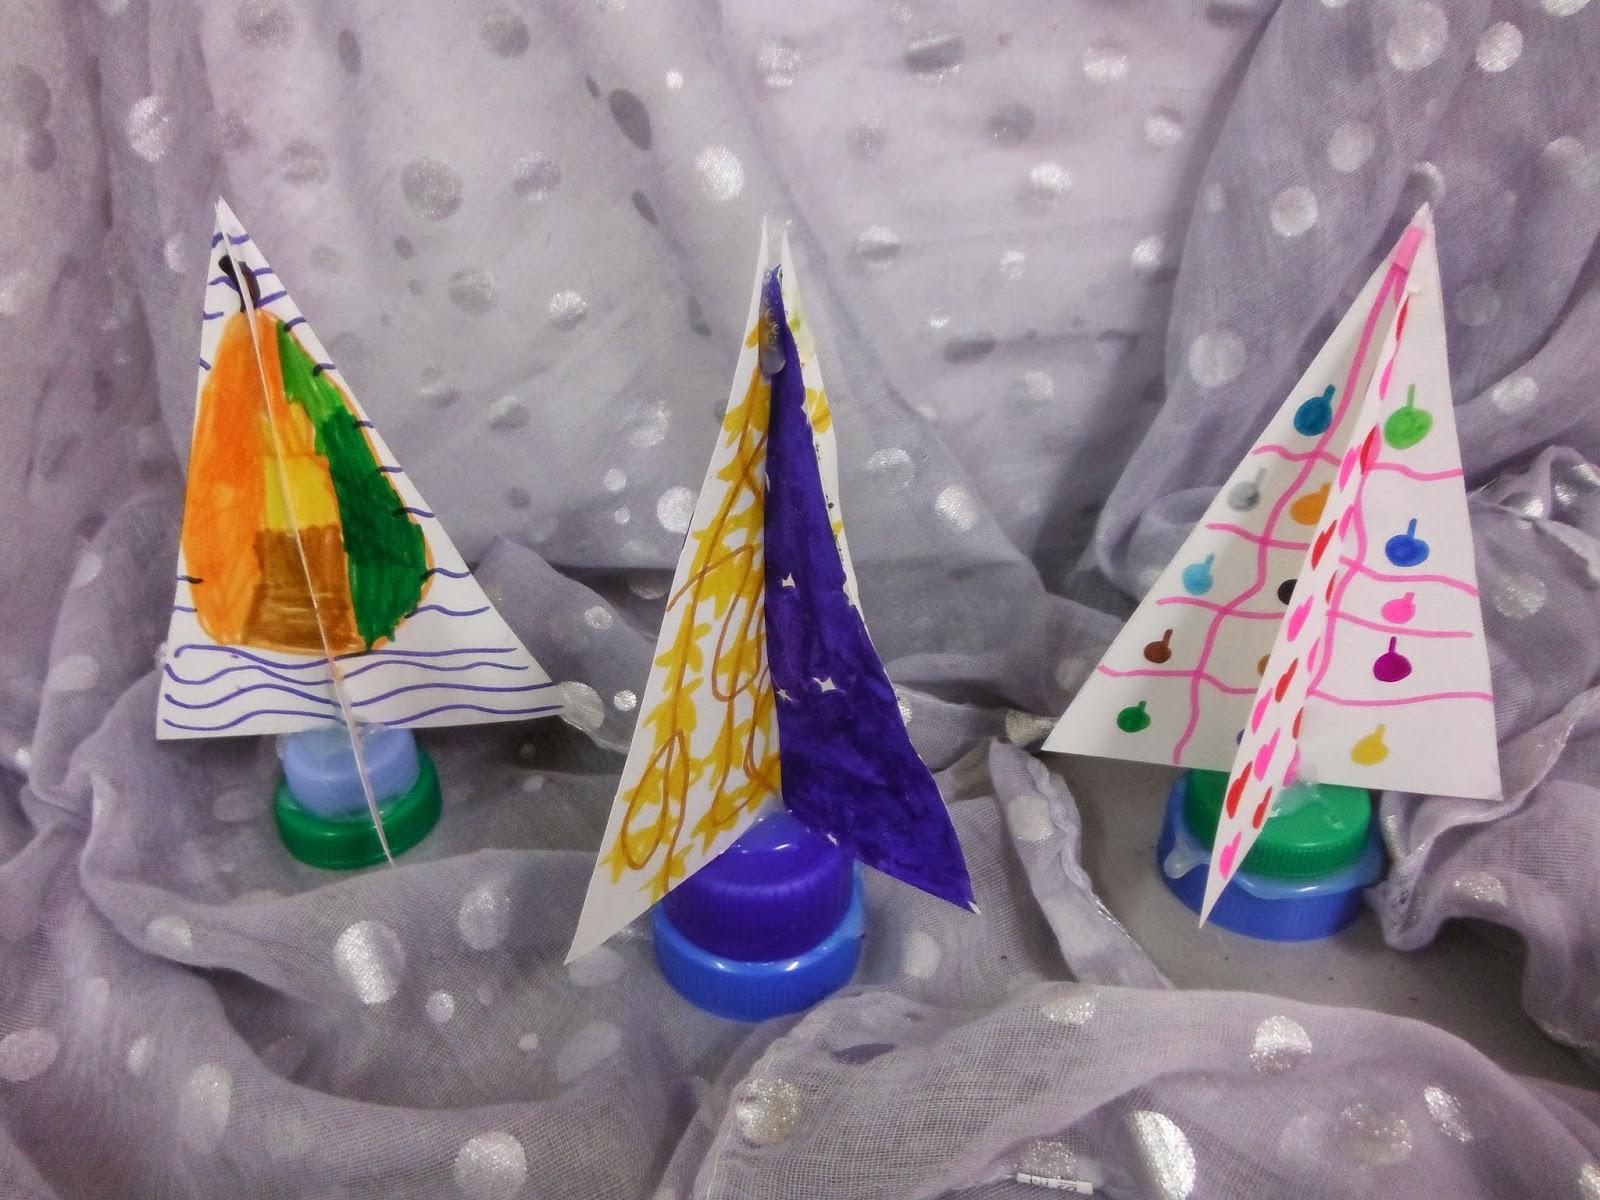 Séverine Peugniez, Ateliers D'arts Plastiques: Activités à Activités Manuelles Enfants Noel